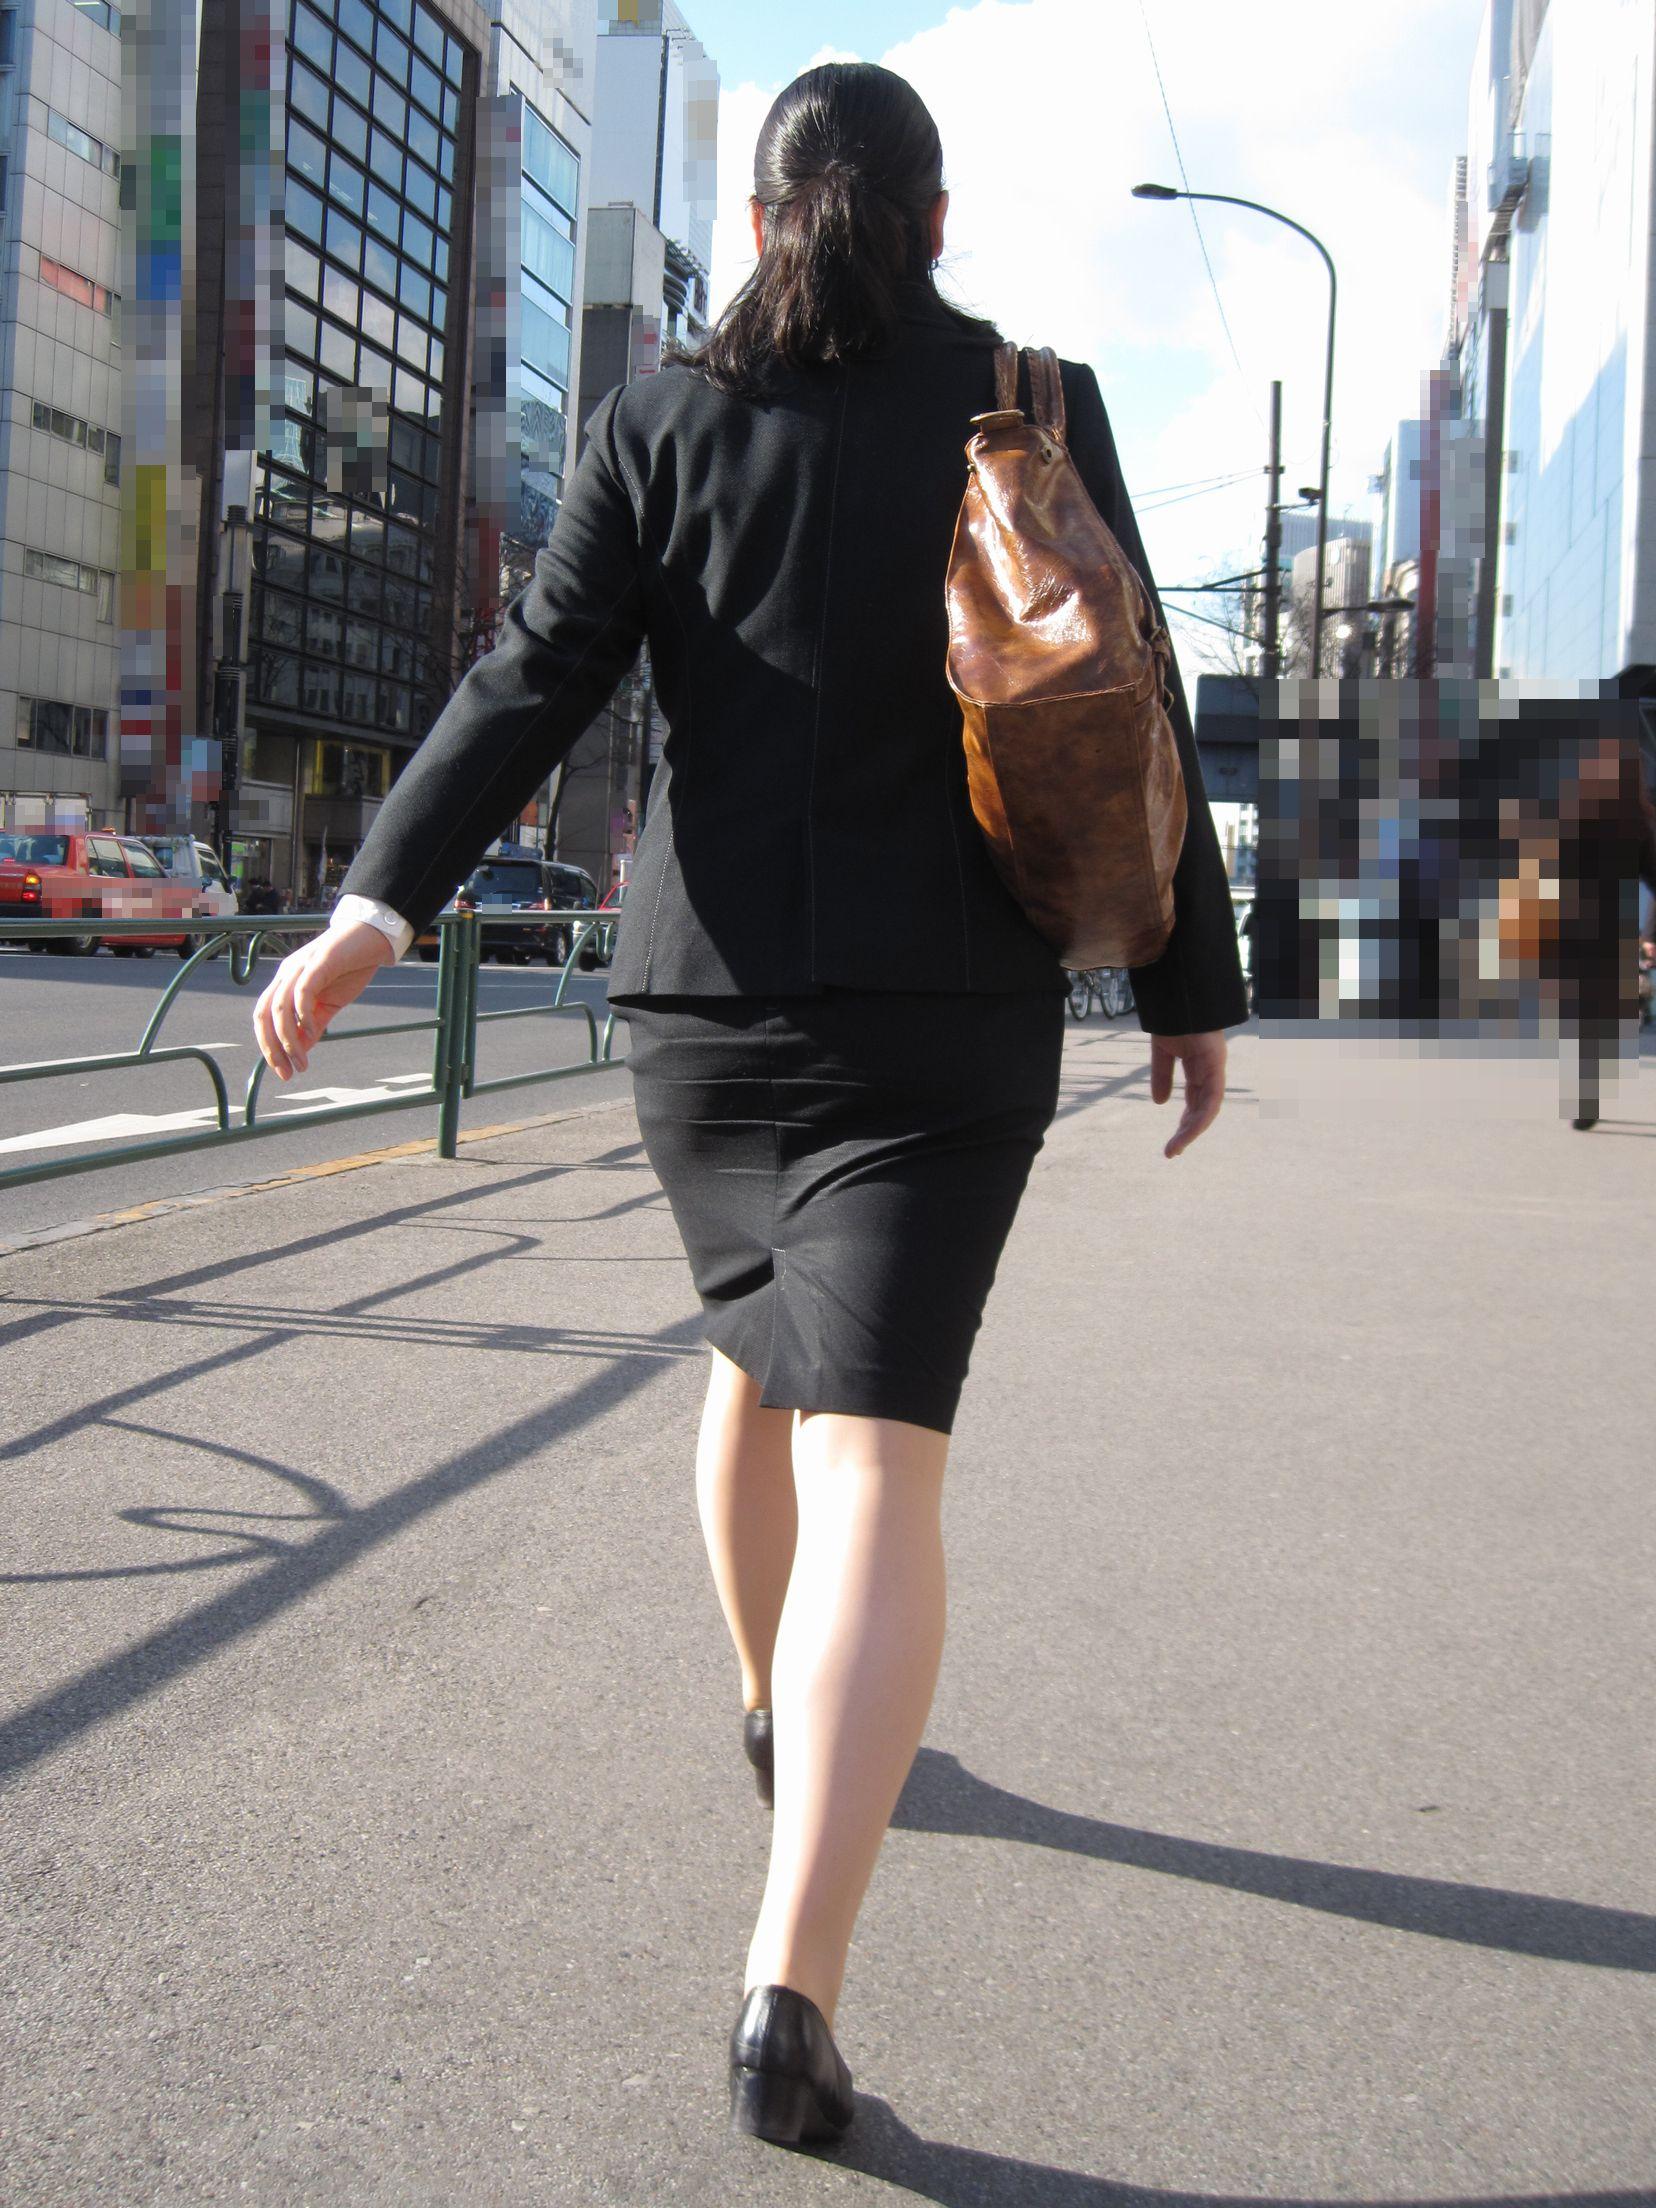 【街撮りスーツ画像】外回り女子のタイトに包まれたムッチリエロ尻追いかけてwww 08